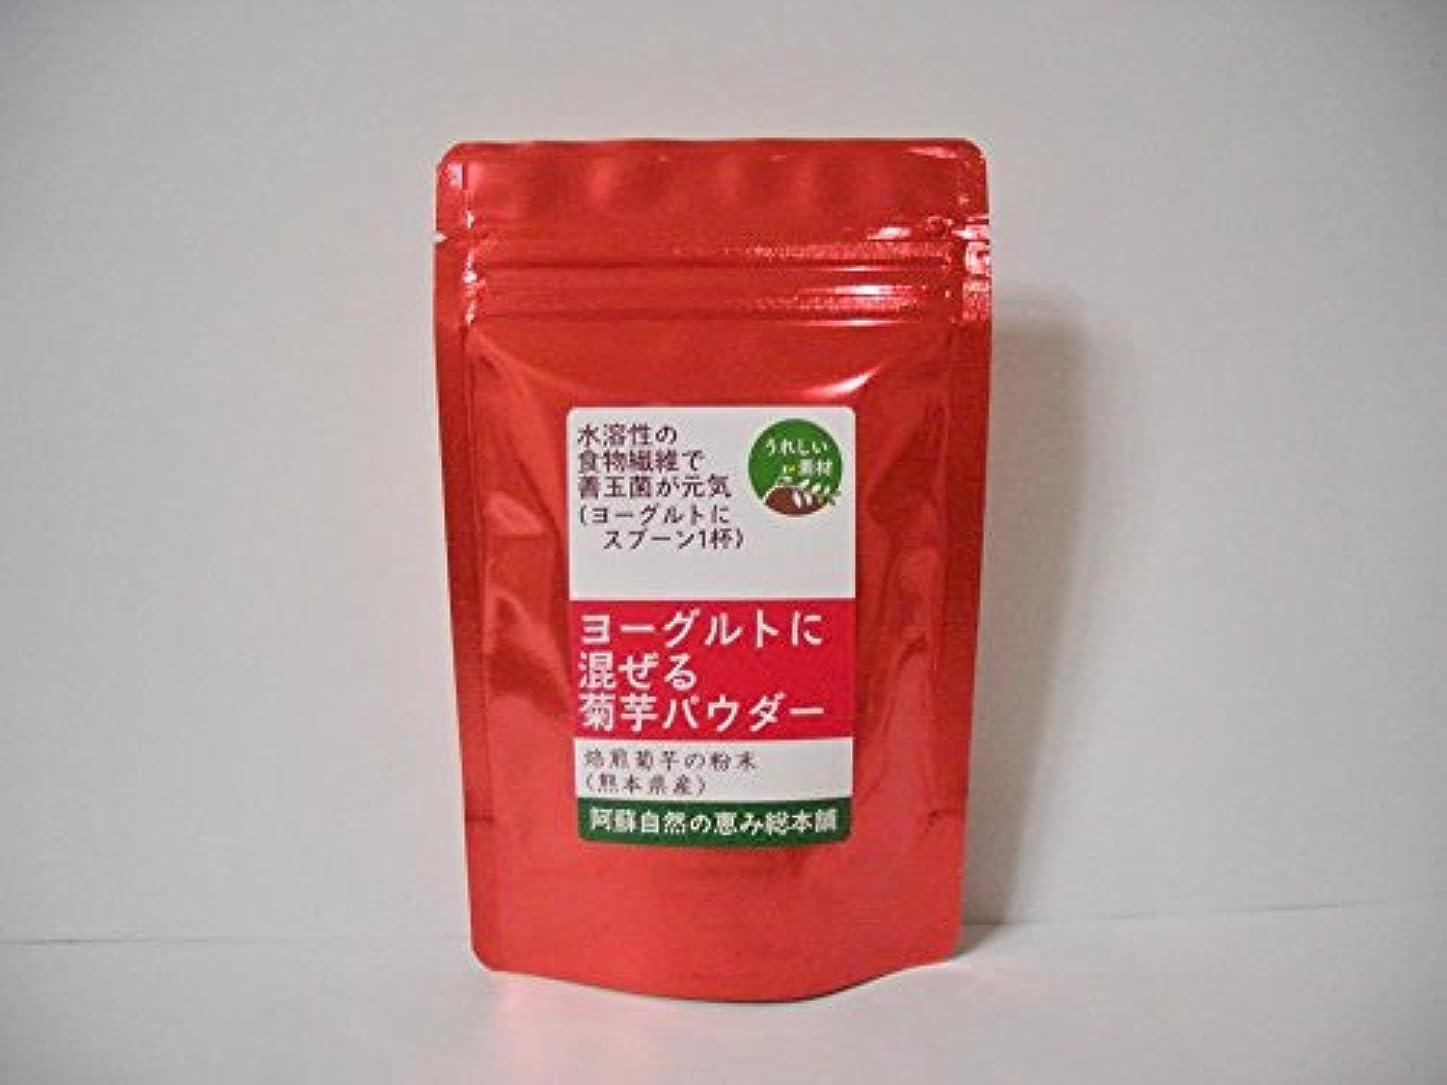 半球ストッキングハロウィンヨーグルト用菊芋パウダー(顆粒タイプ)」50gX2袋